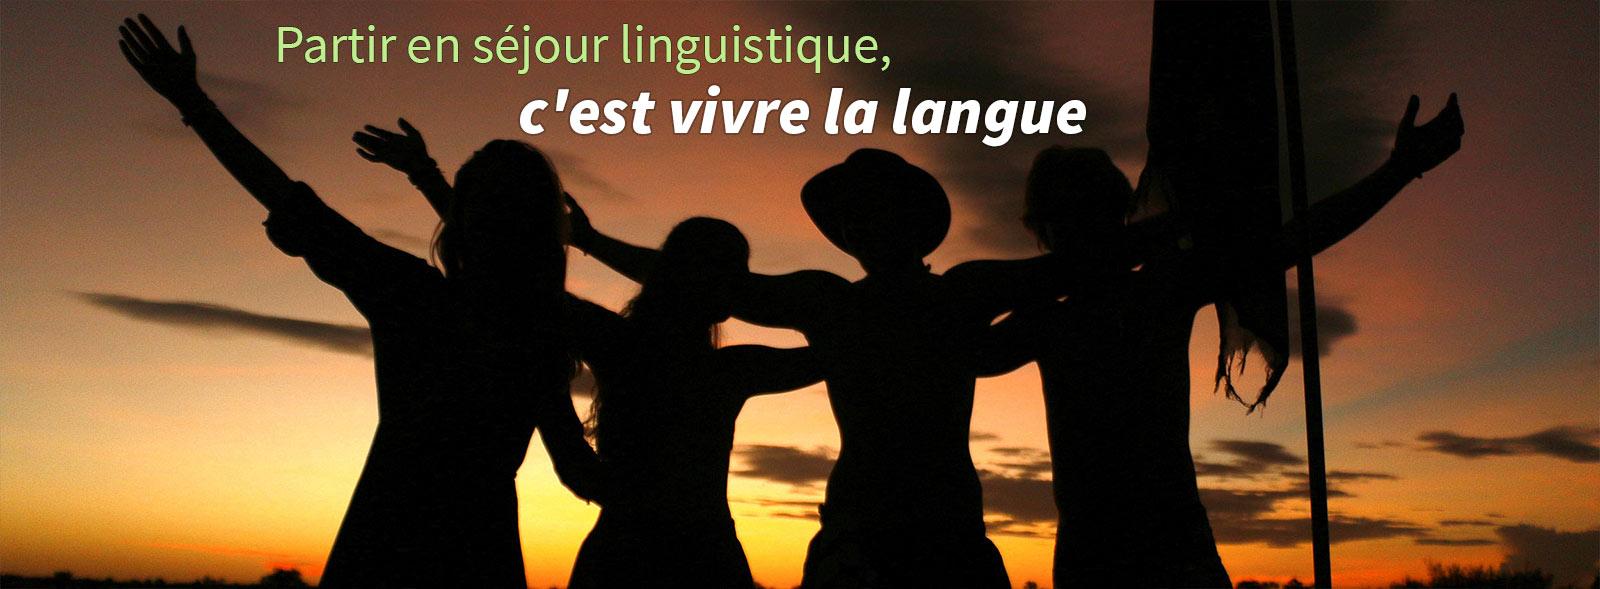 Partir en séjour linguistique, c'est vivre la langue